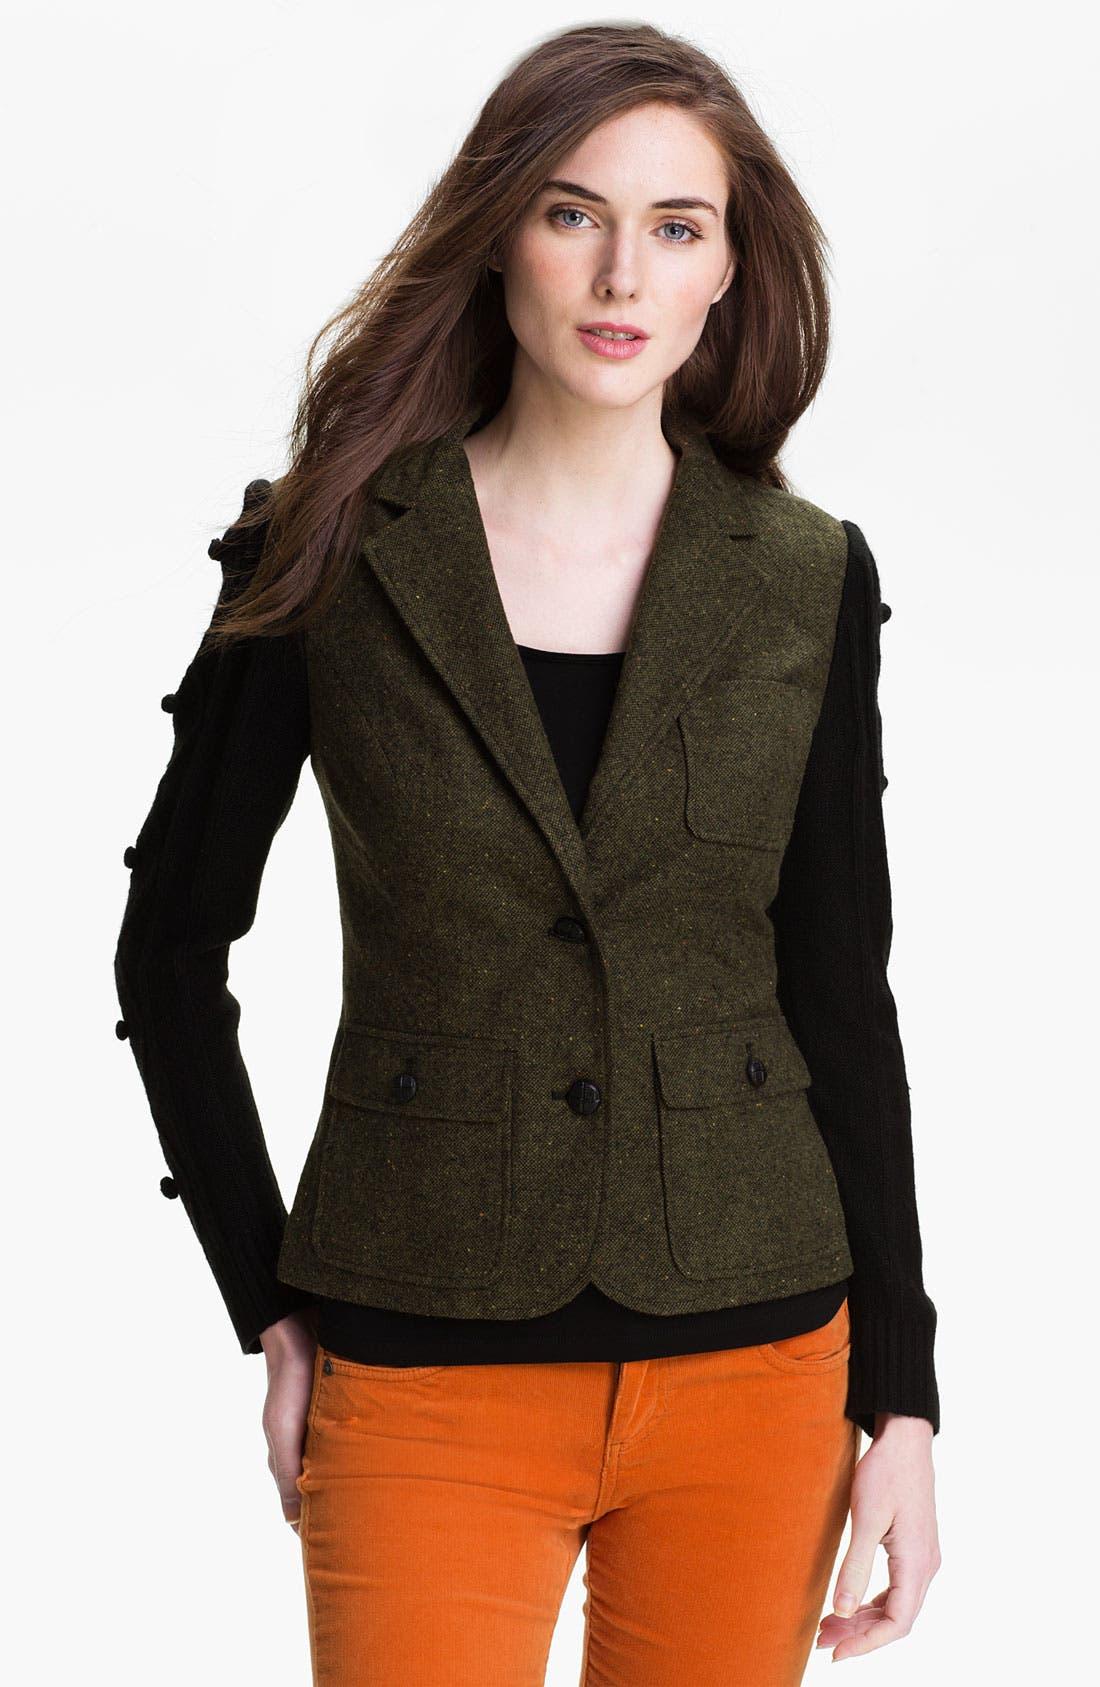 Alternate Image 1 Selected - Kensie Knit Sleeve Tweed Jacket